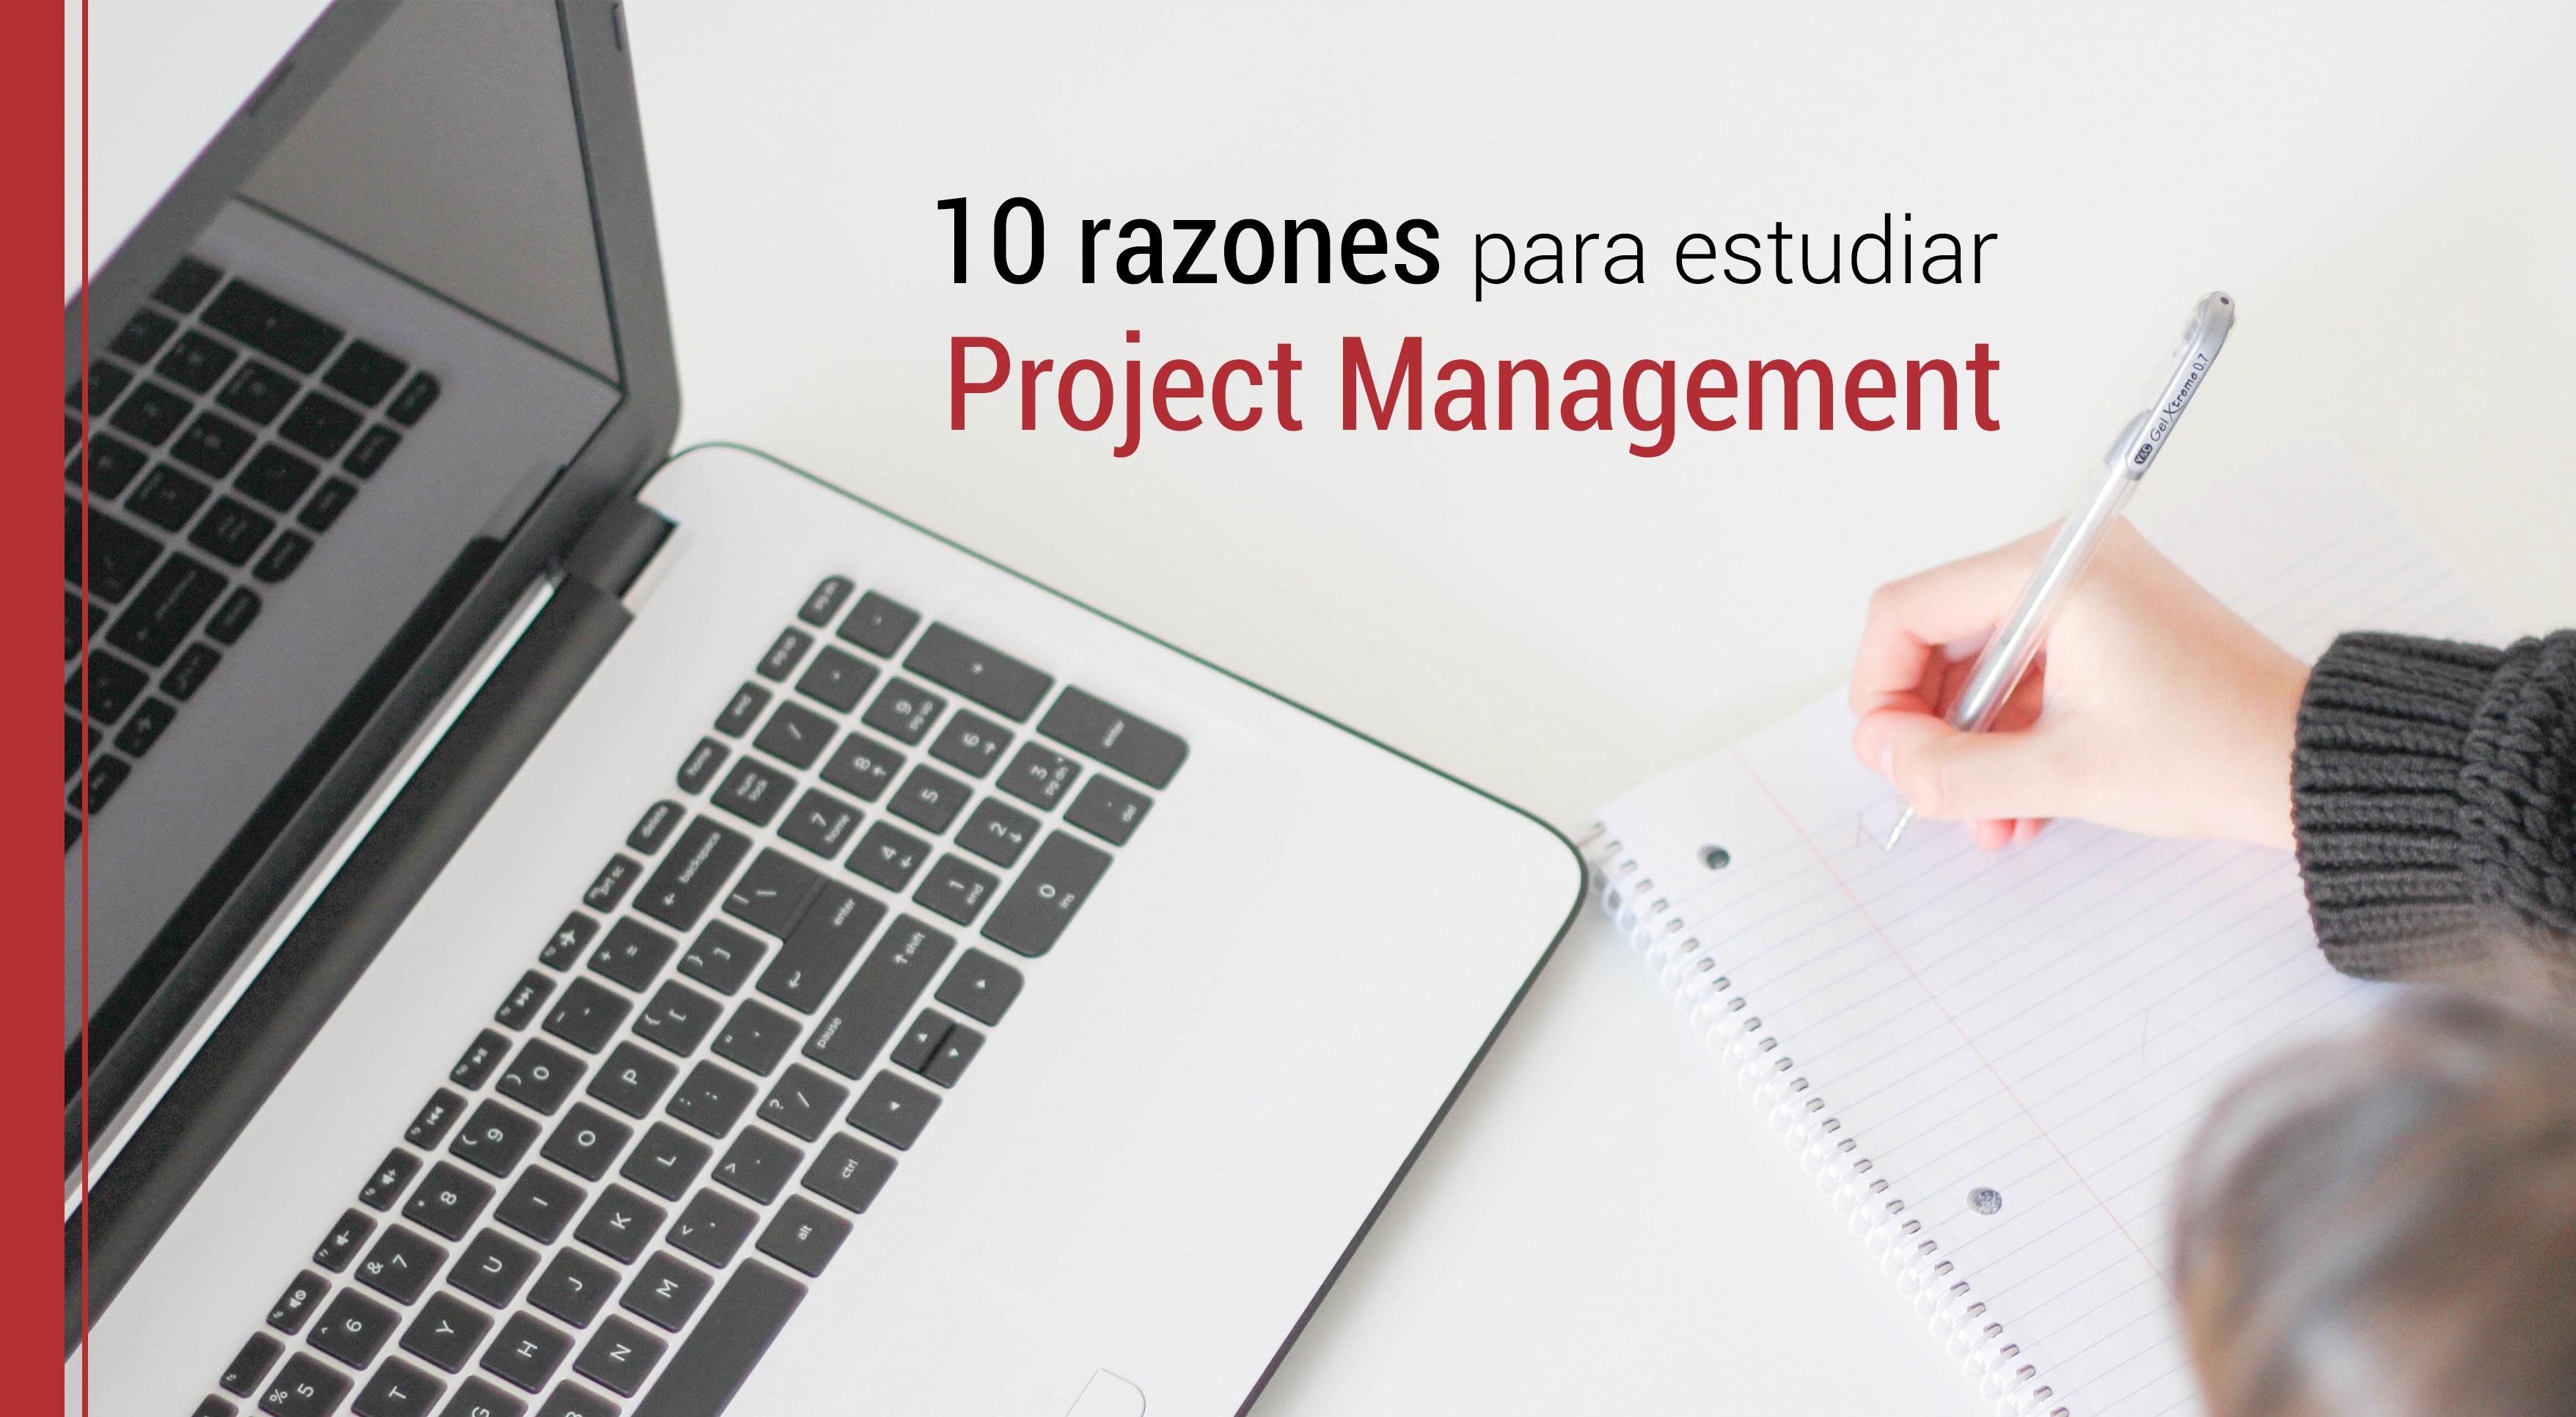 10-razones-estudiar-direccion-de-proyectos 10 razones para estudiar un postgrado en Gestión de Proyectos